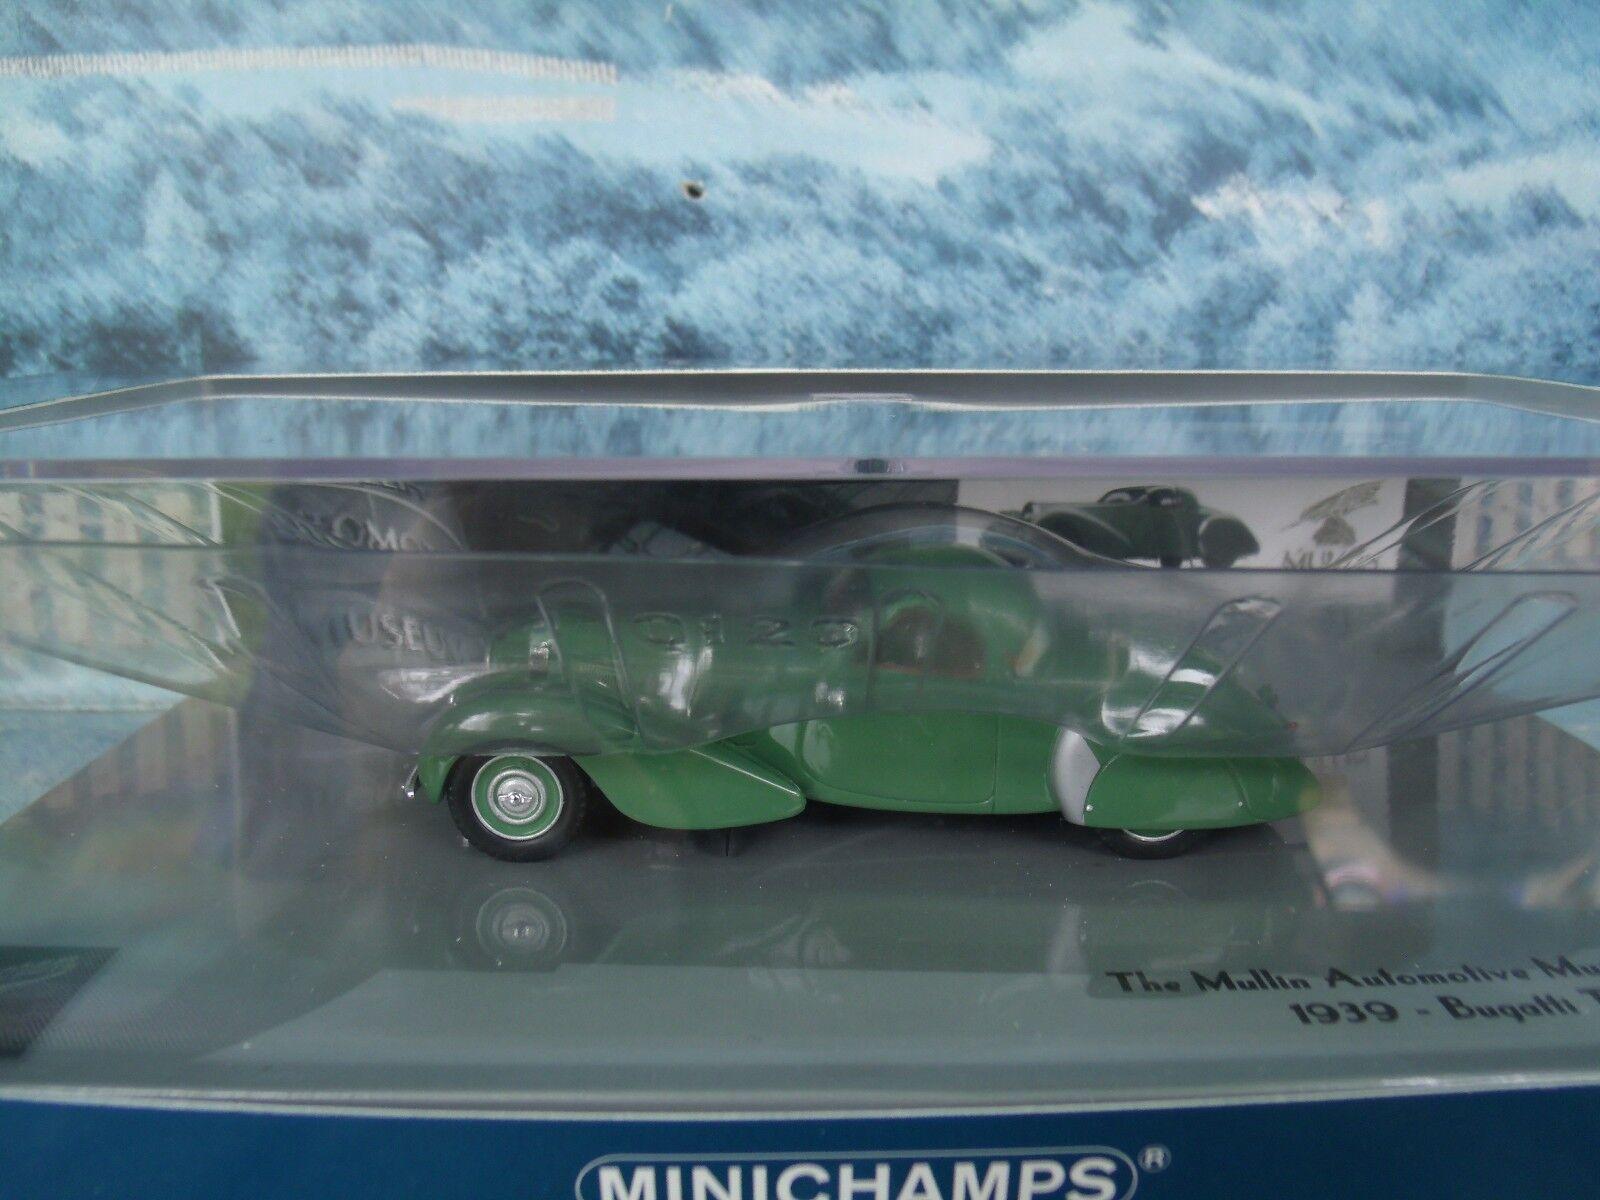 1 43 MINICHAMPS 1939 BUGATTI Type 57 C Coupé